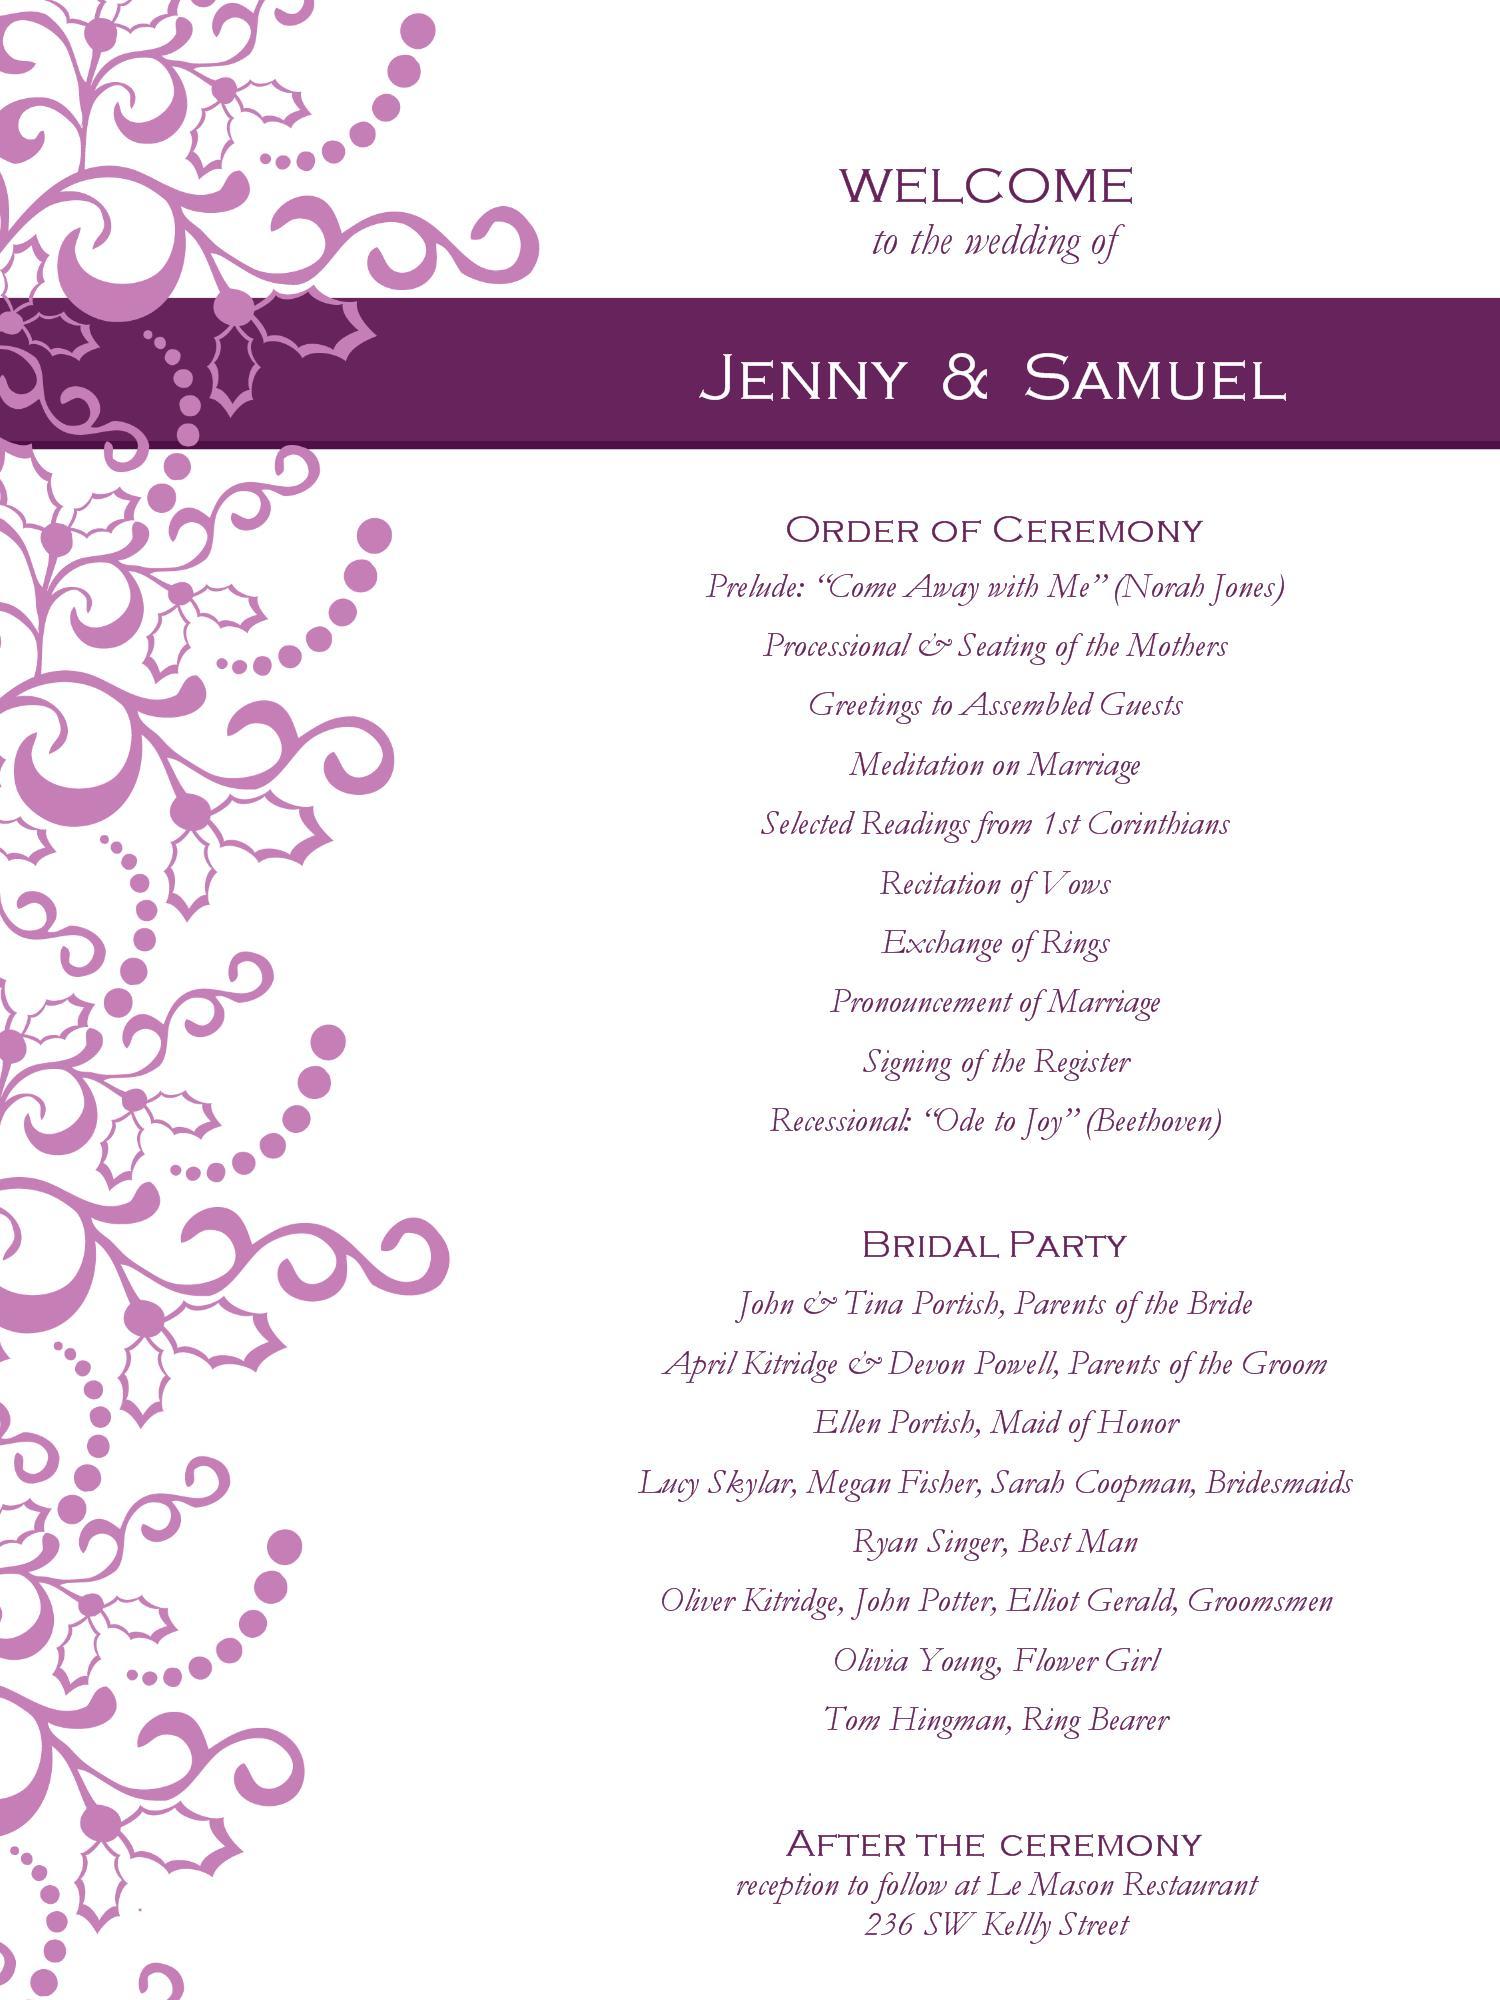 Ceremony Program Templates